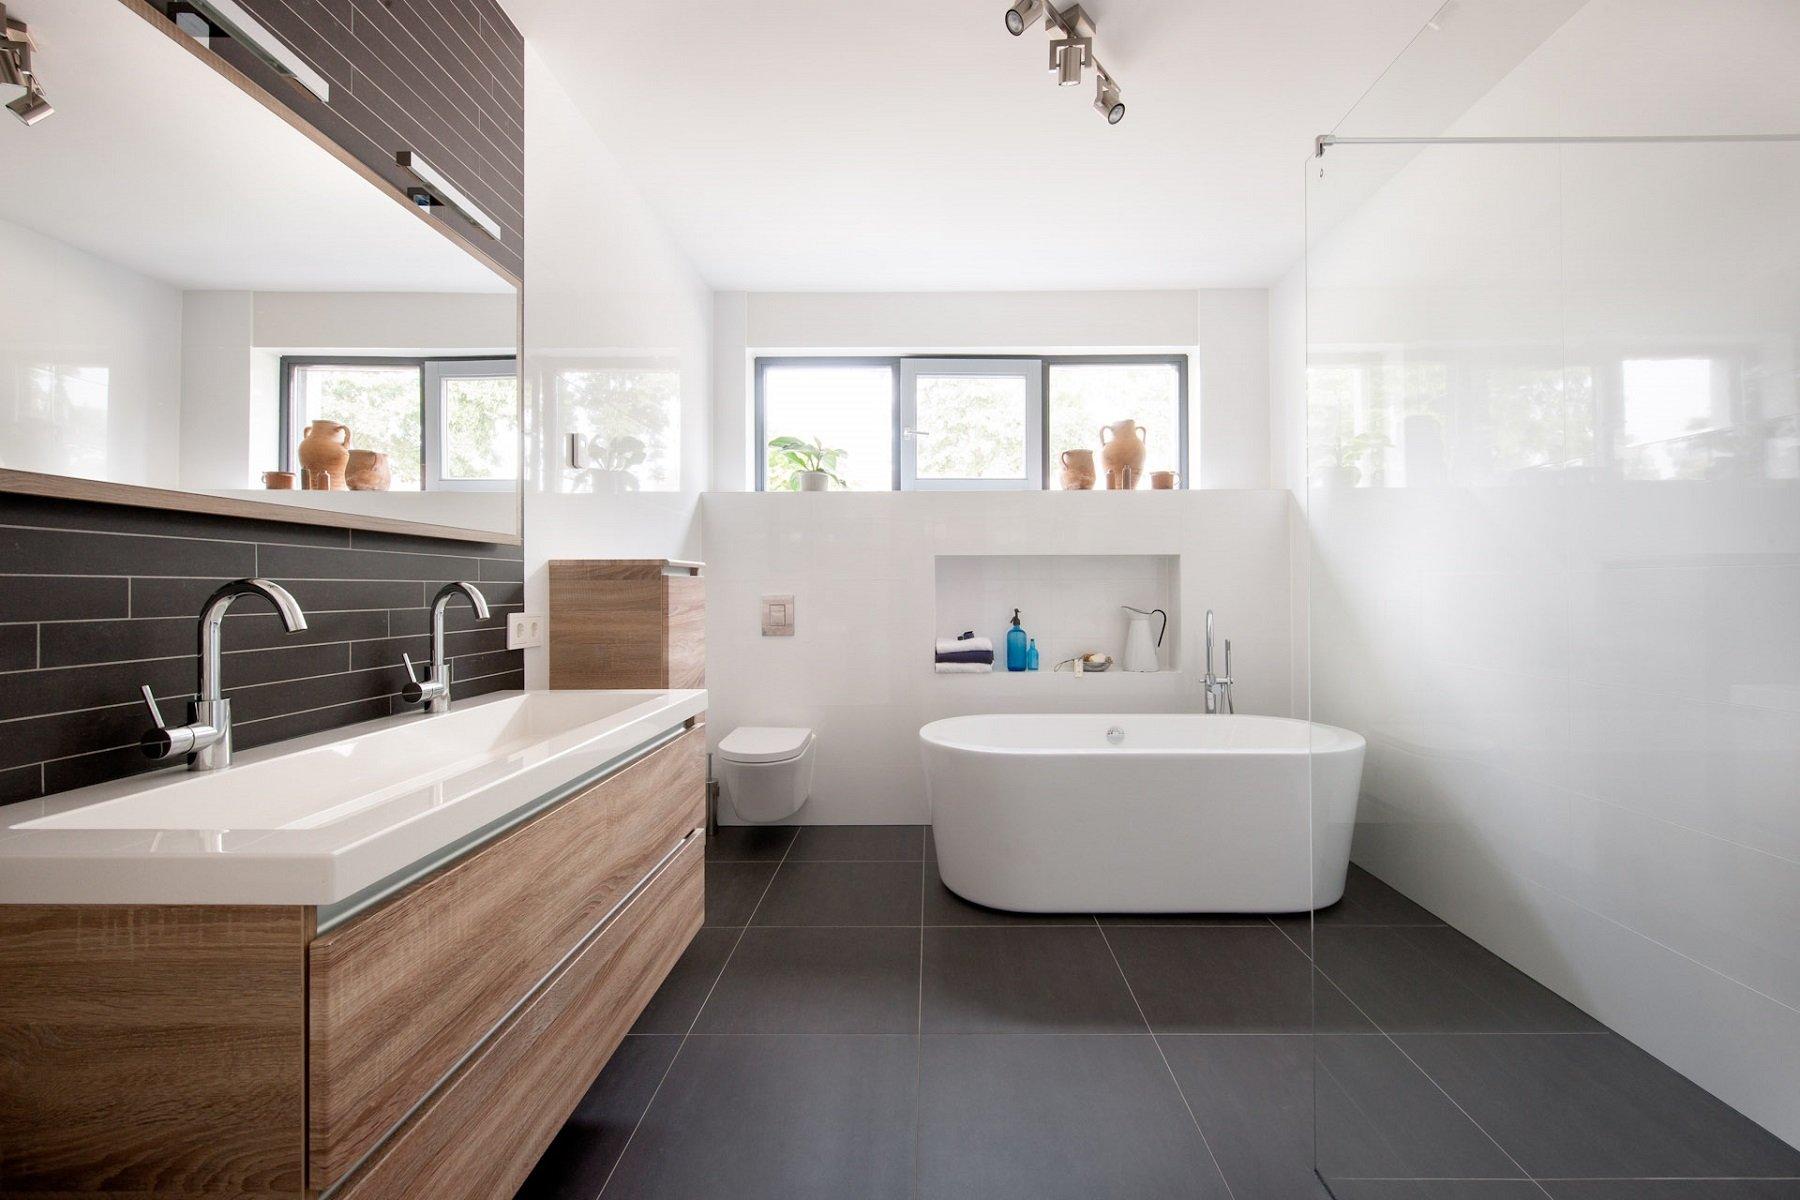 Badkamer En Tegels : Wandtegels badkamer kroon vloer in steen